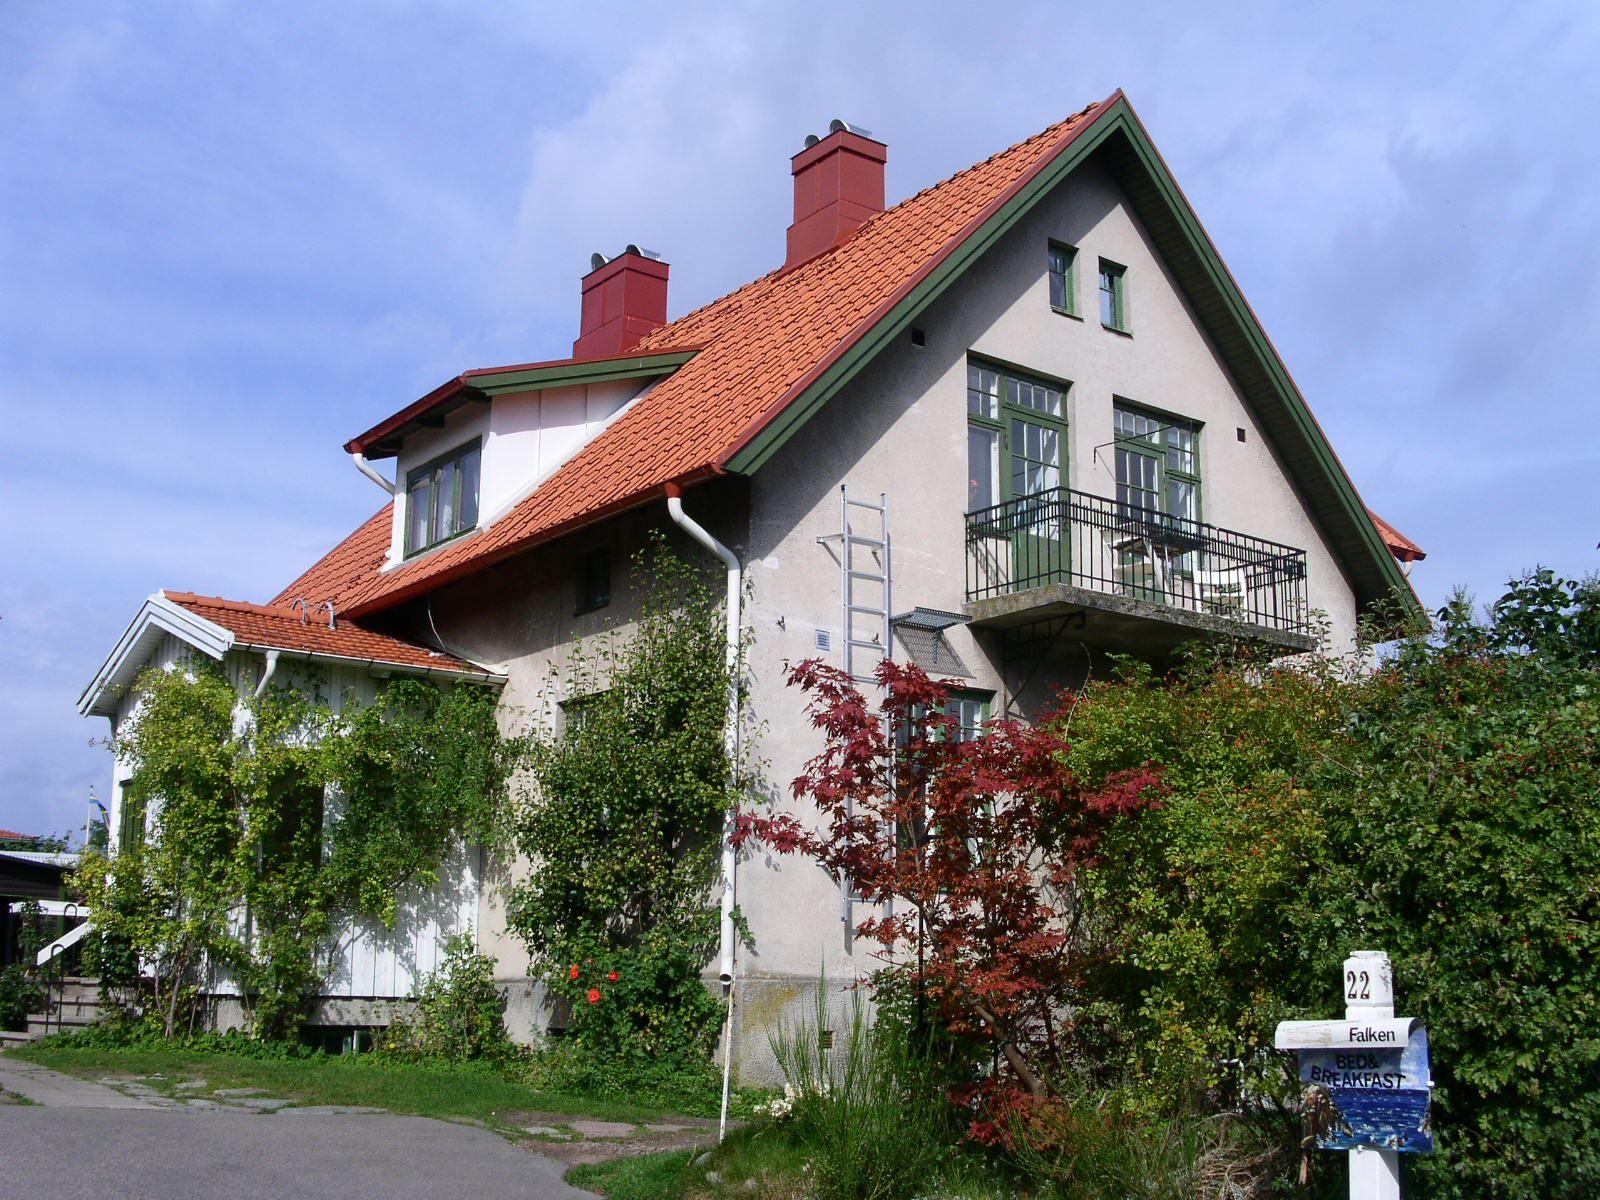 B&B Villa Falken